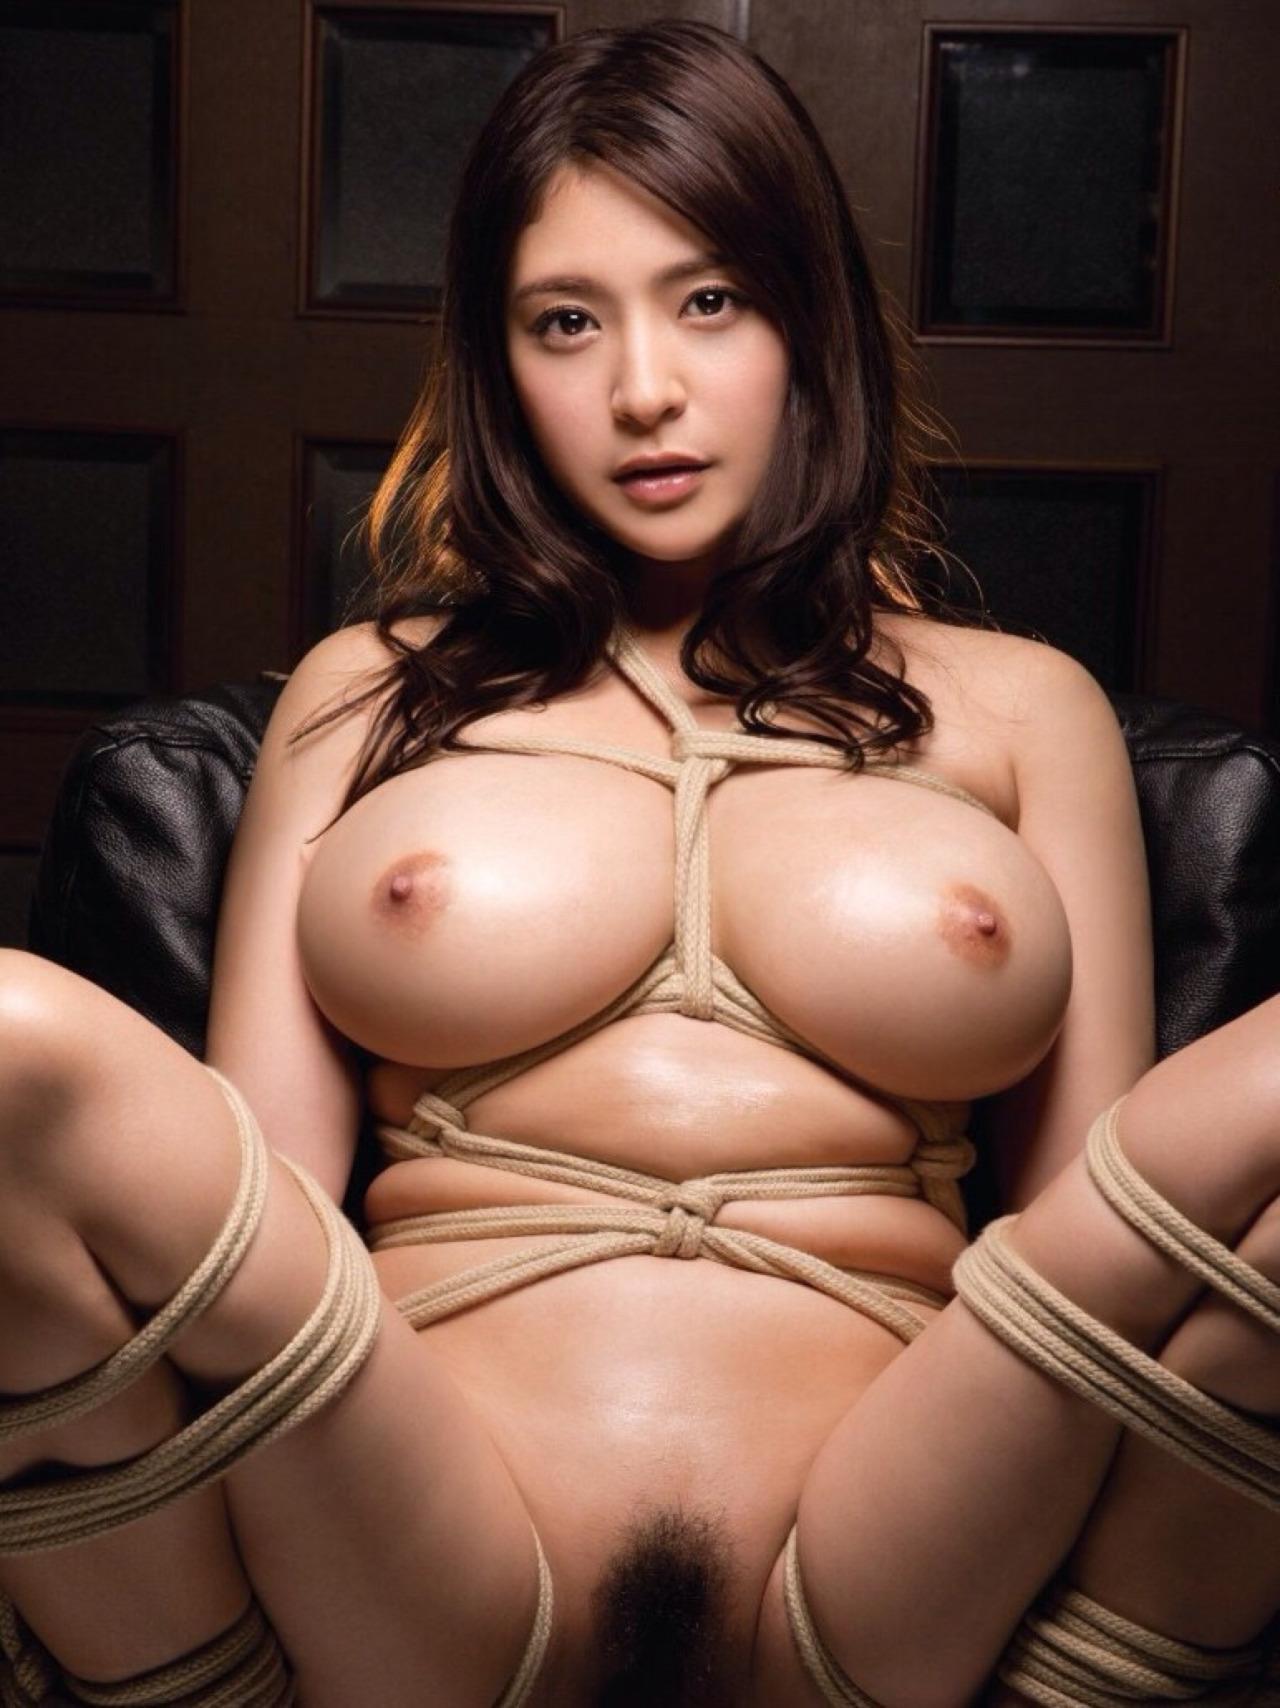 Megu fujiura anal